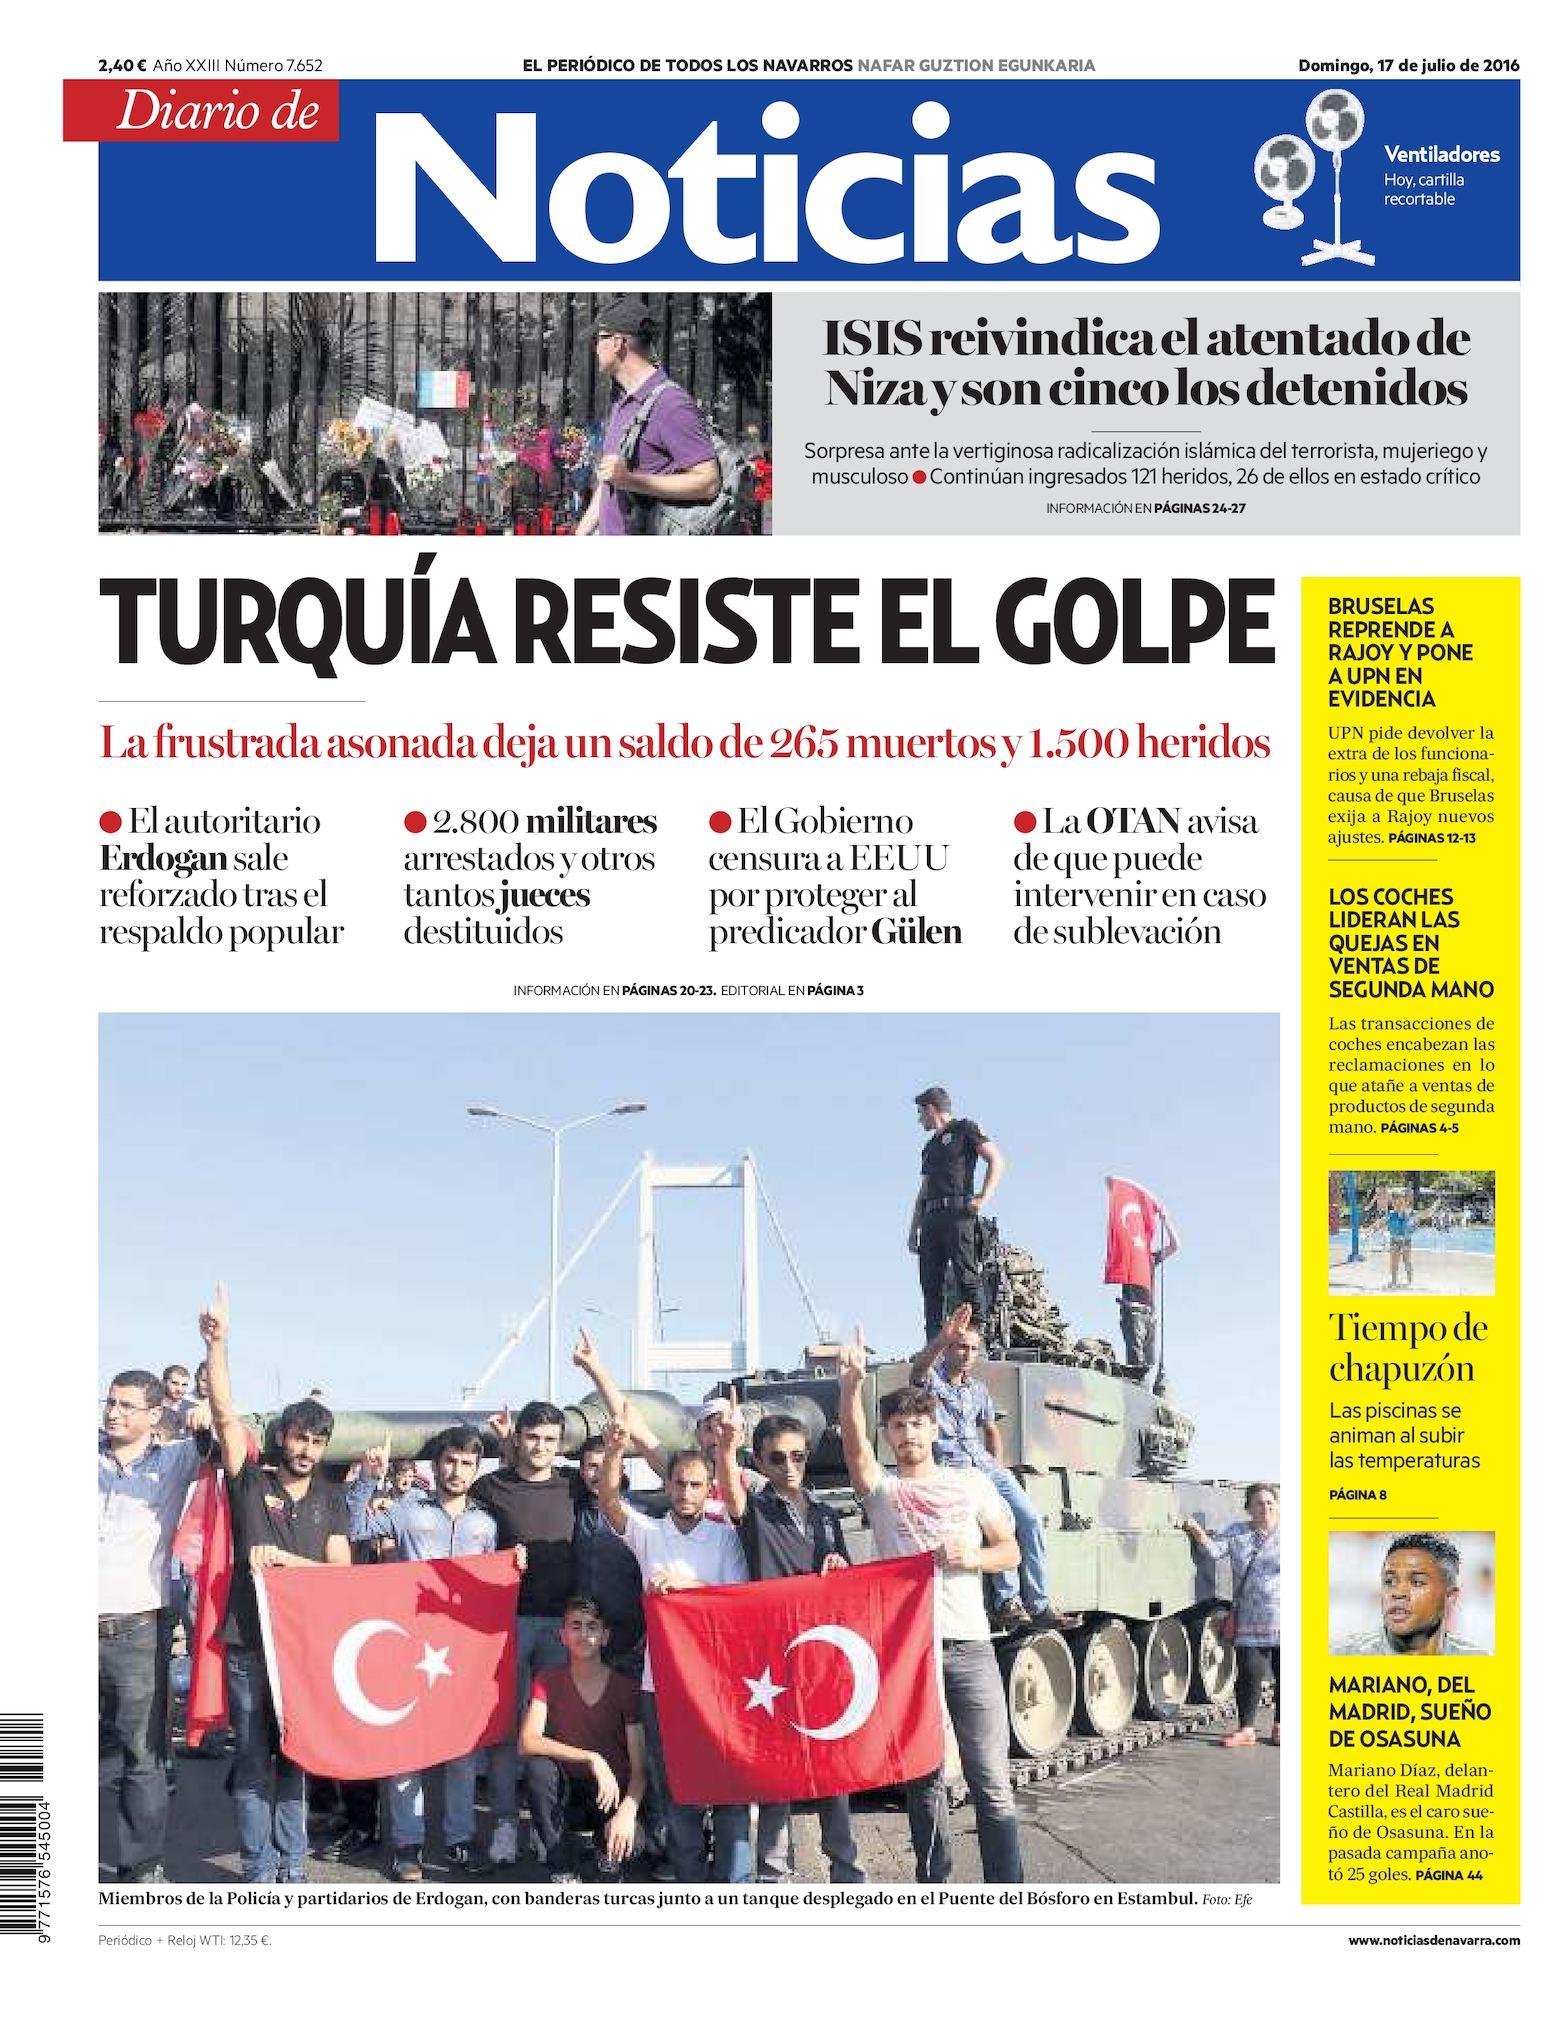 Calaméo - Diario de Noticias 20160717 cf64cd9c264